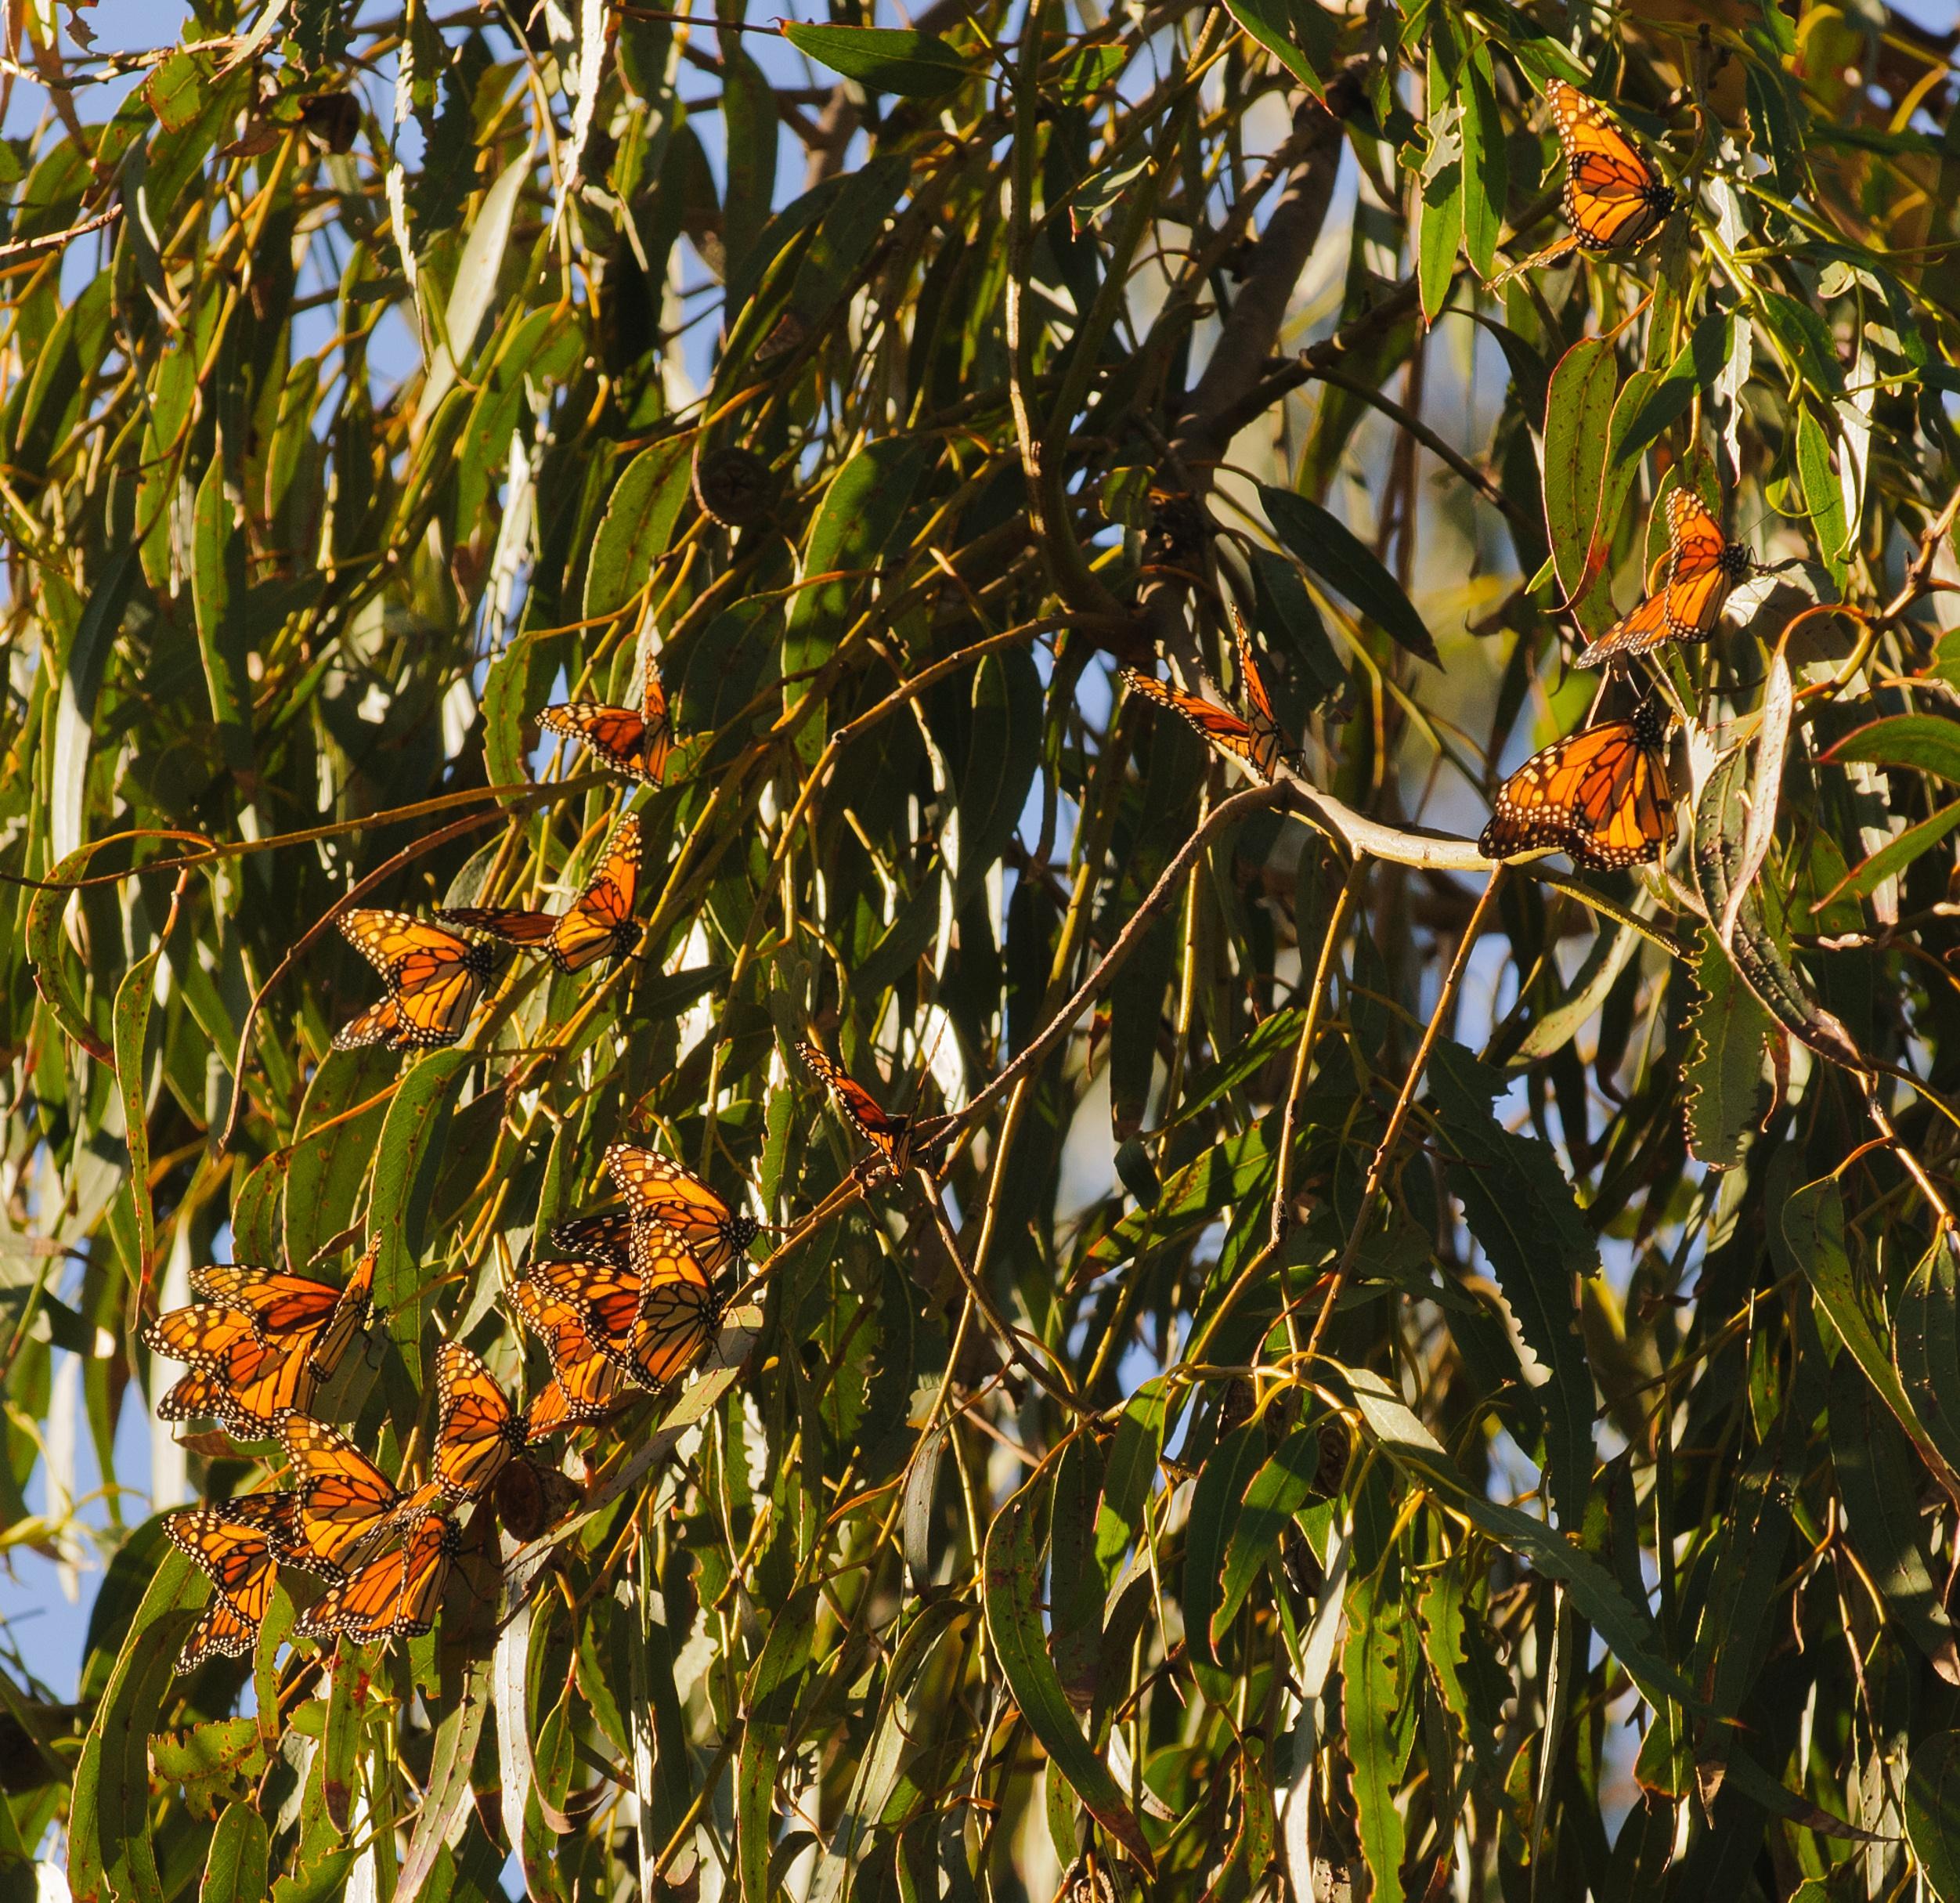 bigstock-Monarch-butterflies-in-a-eucal-86303429.jpg